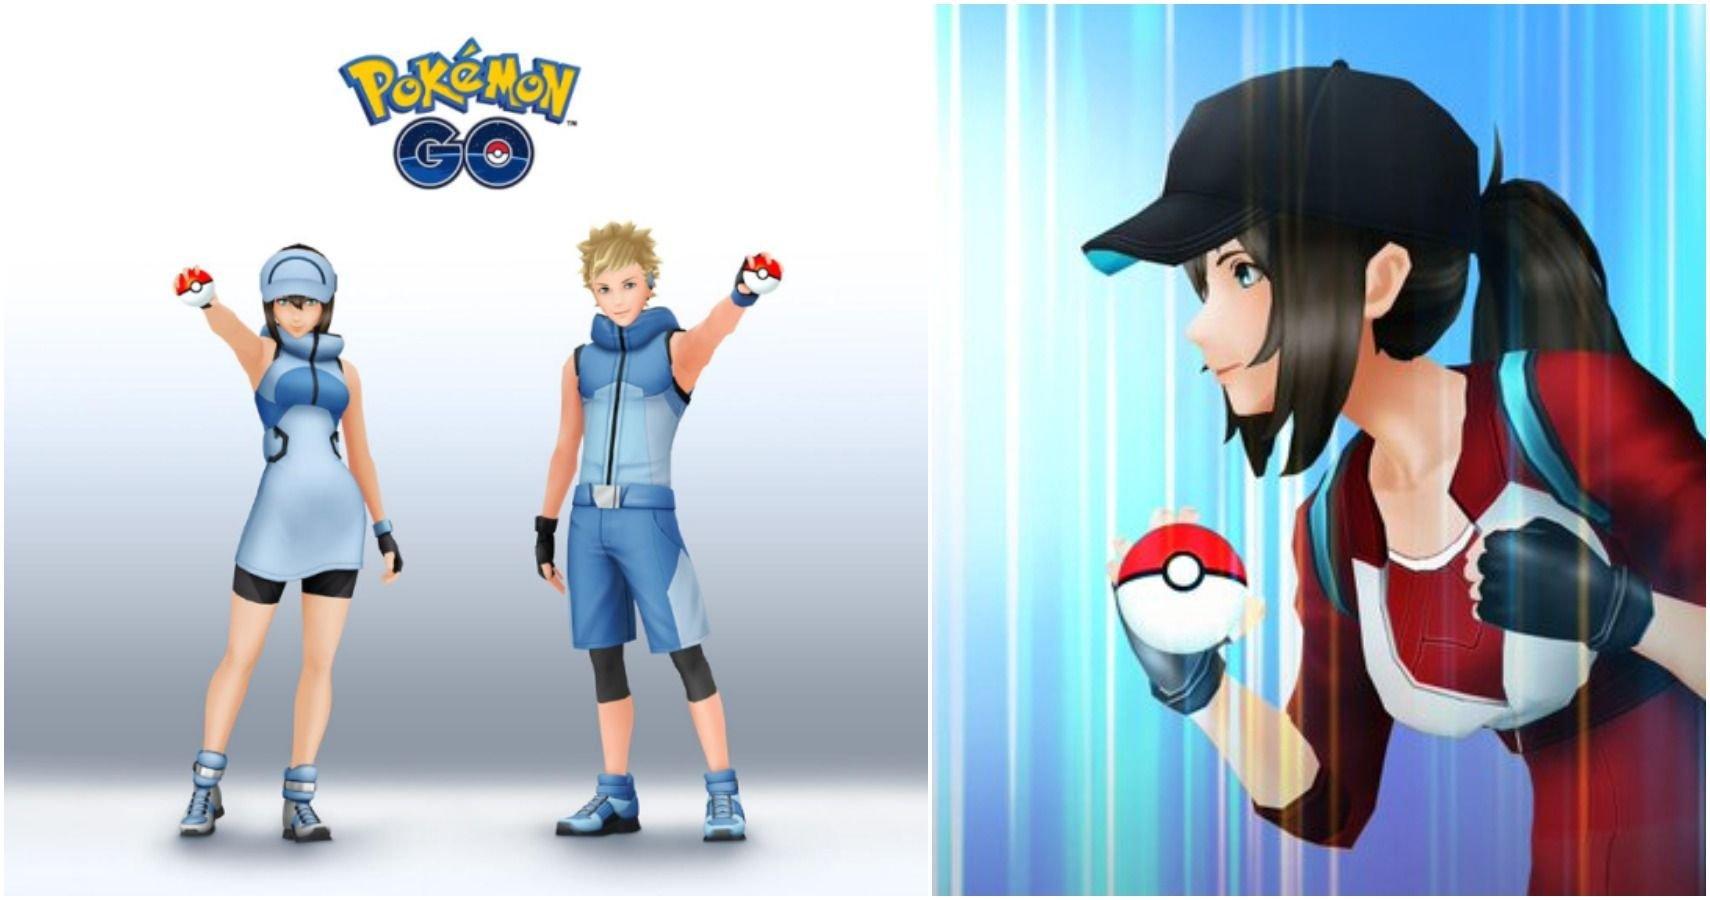 Pokemon GO: 9 Tips For Winning Trainer Battles